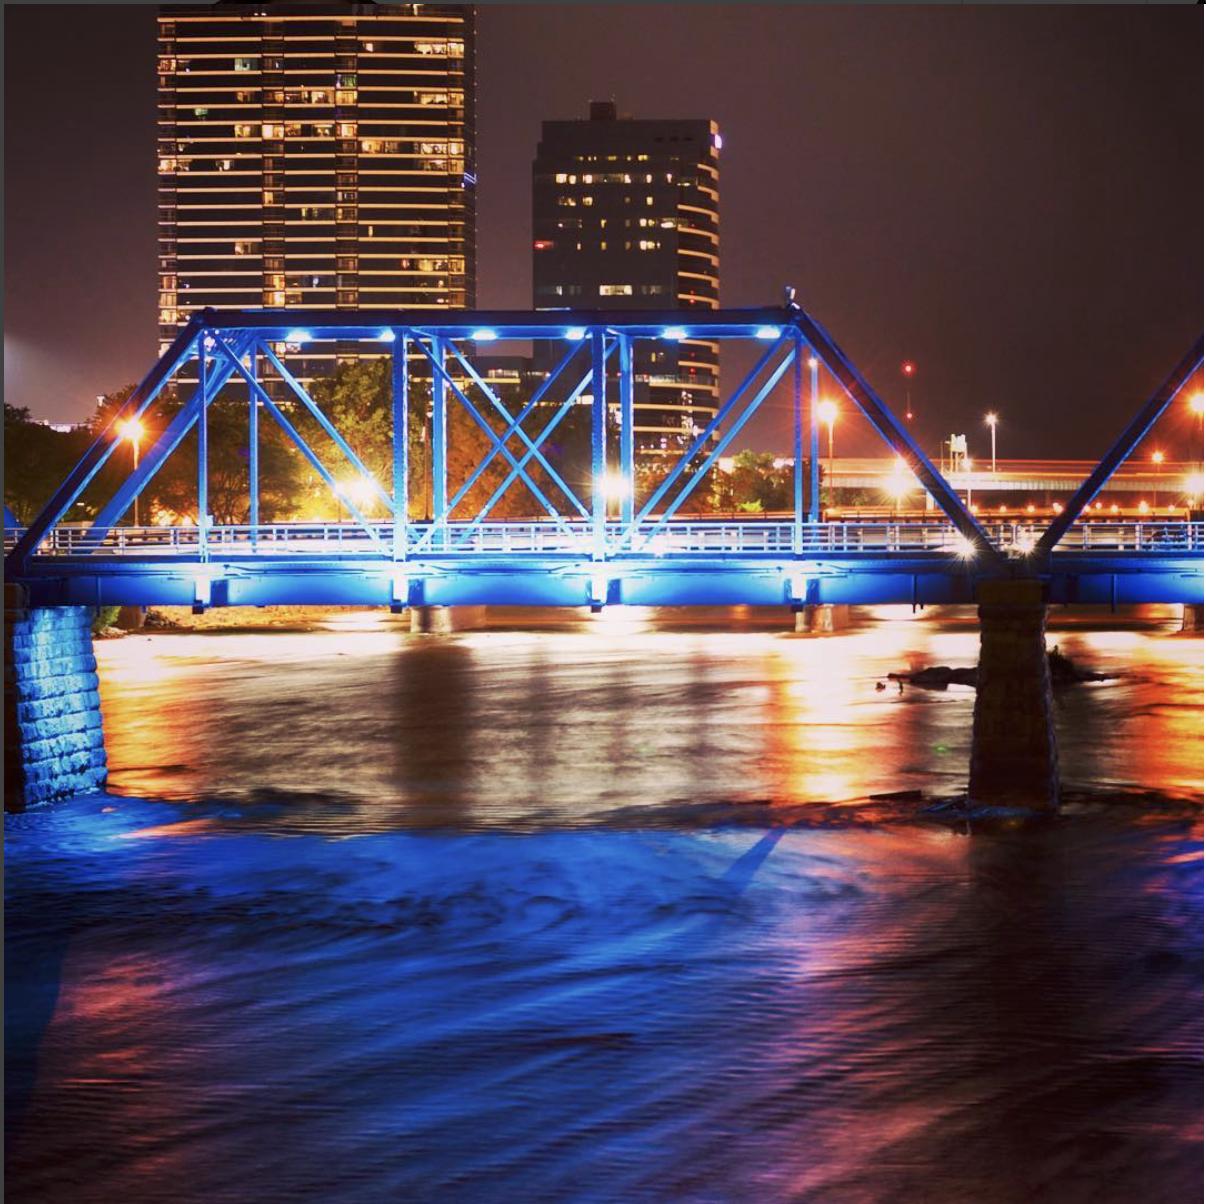 Bridge in Grand Rapids